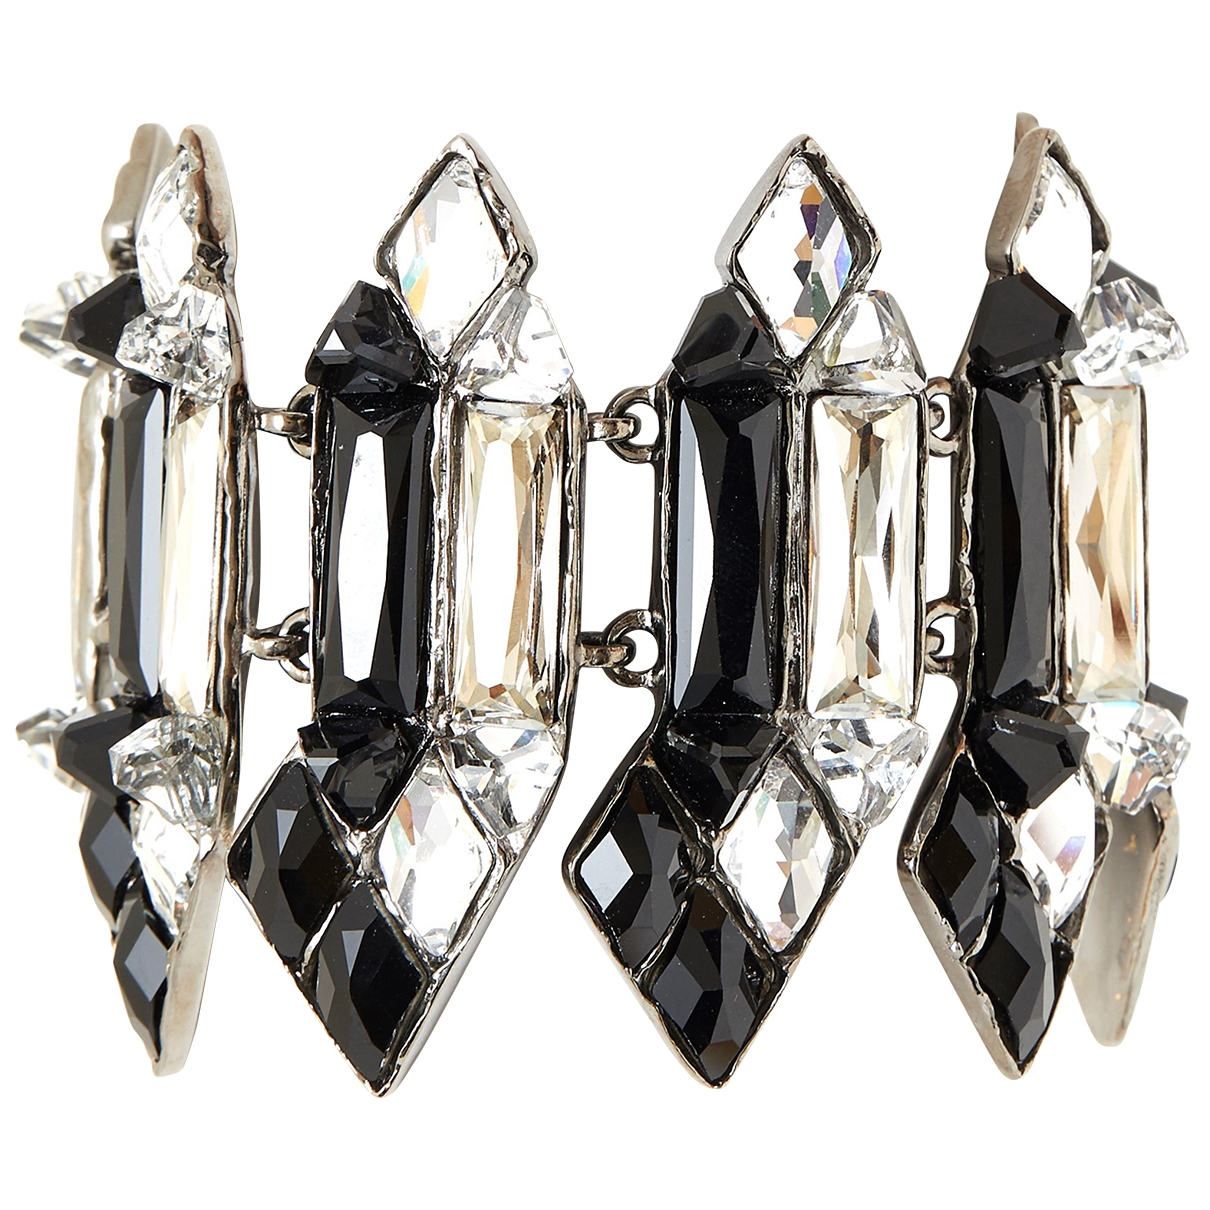 Yves Saint Laurent \N Silver Metal bracelet for Women \N